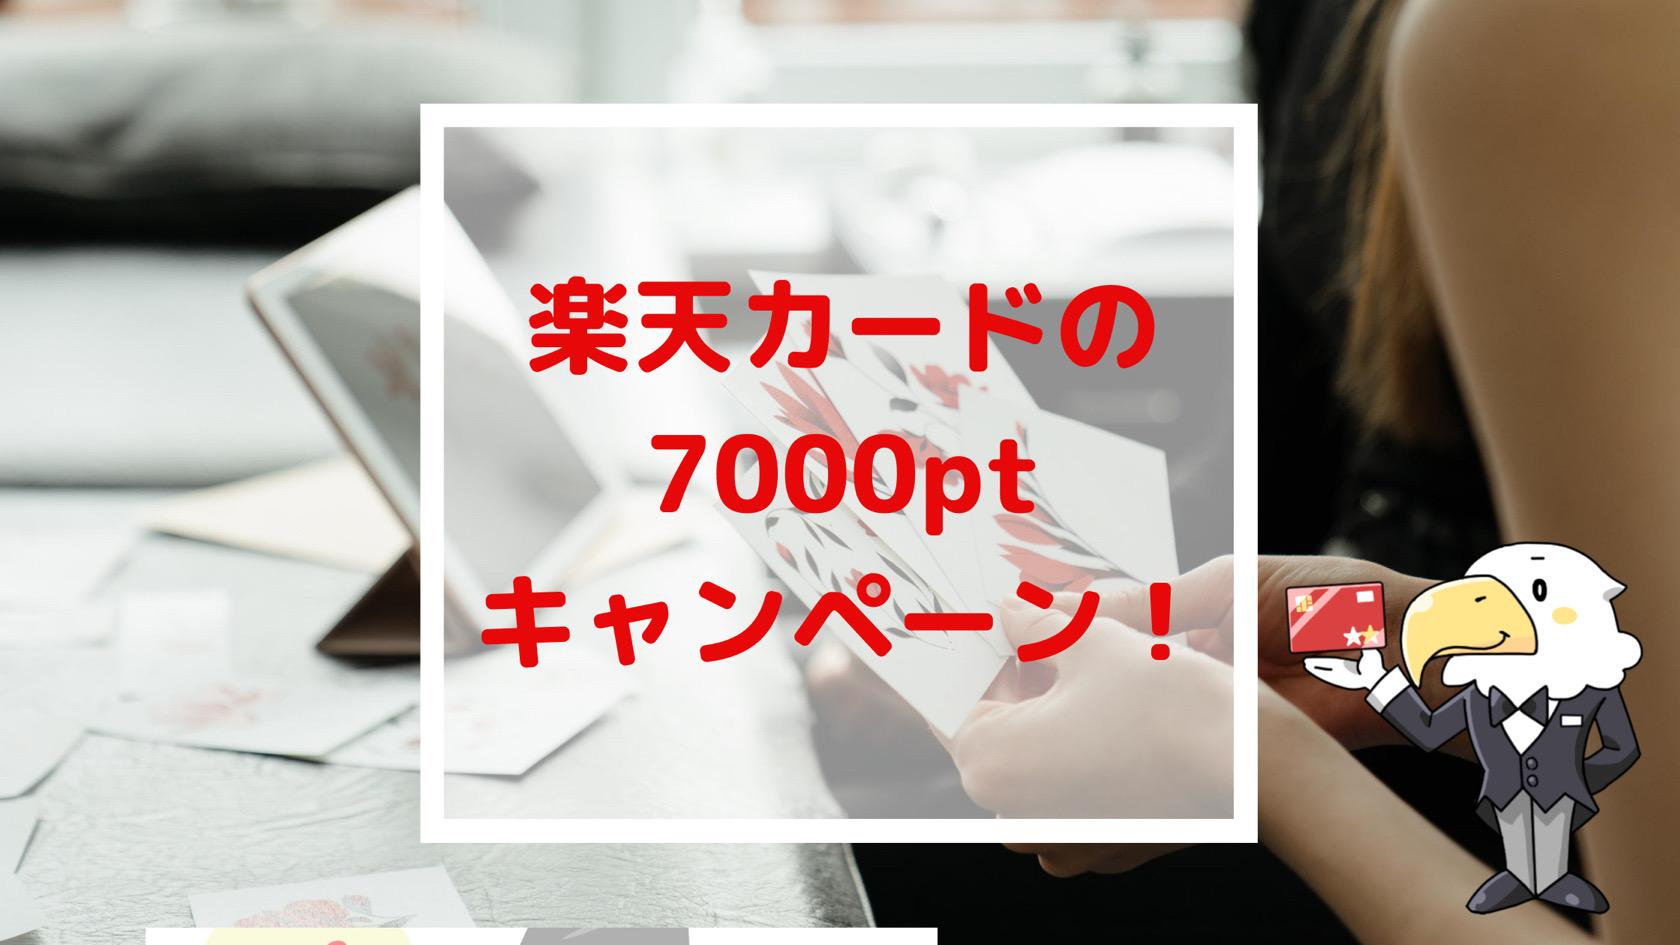 楽天カード7000ポイントキャンペーンのアイコン